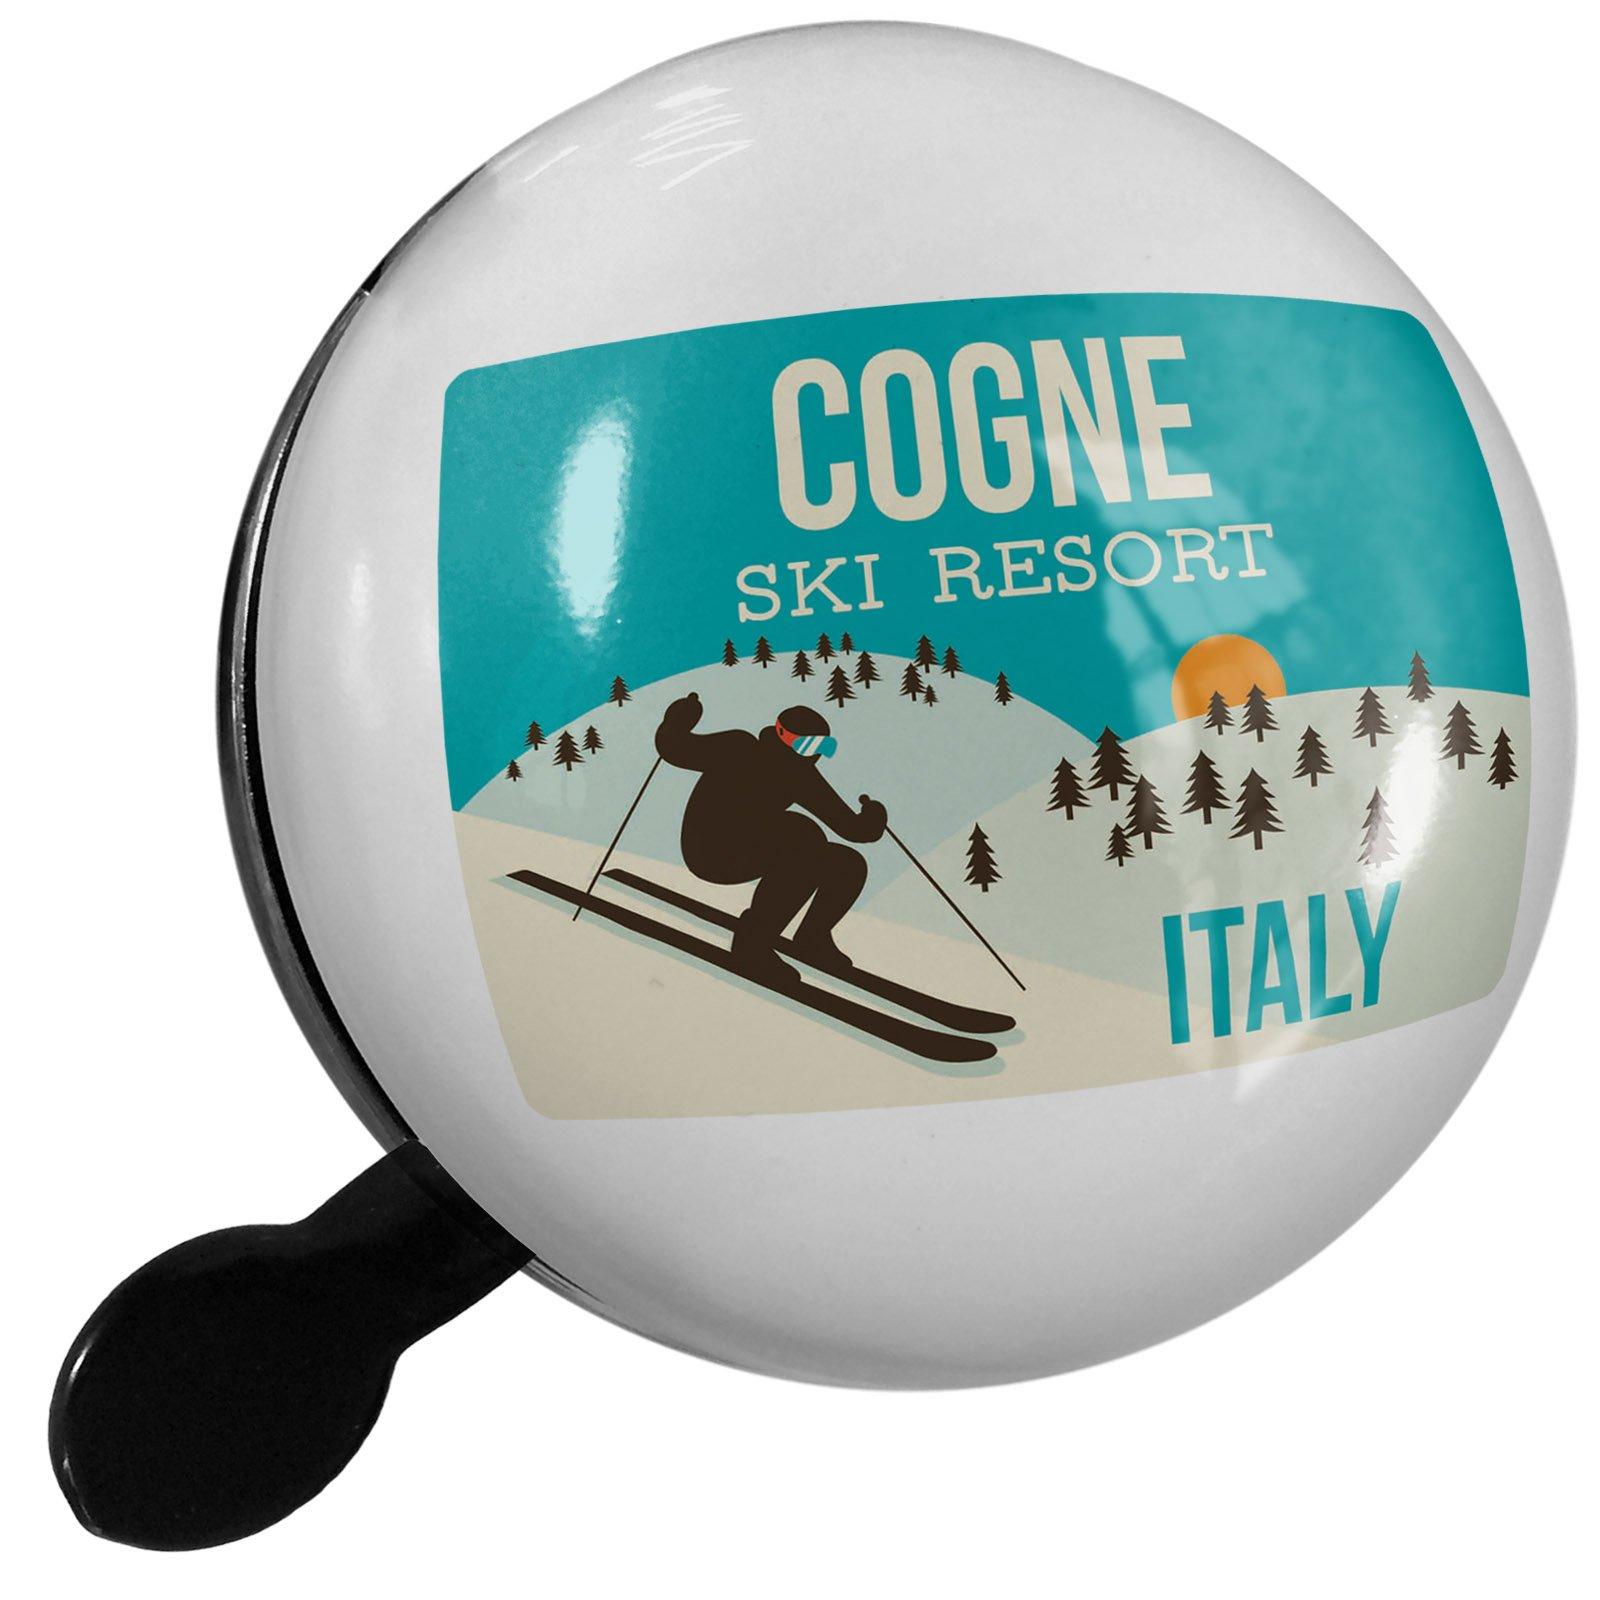 Small Bike Bell Cogne Ski Resort - Italy Ski Resort - NEONBLOND